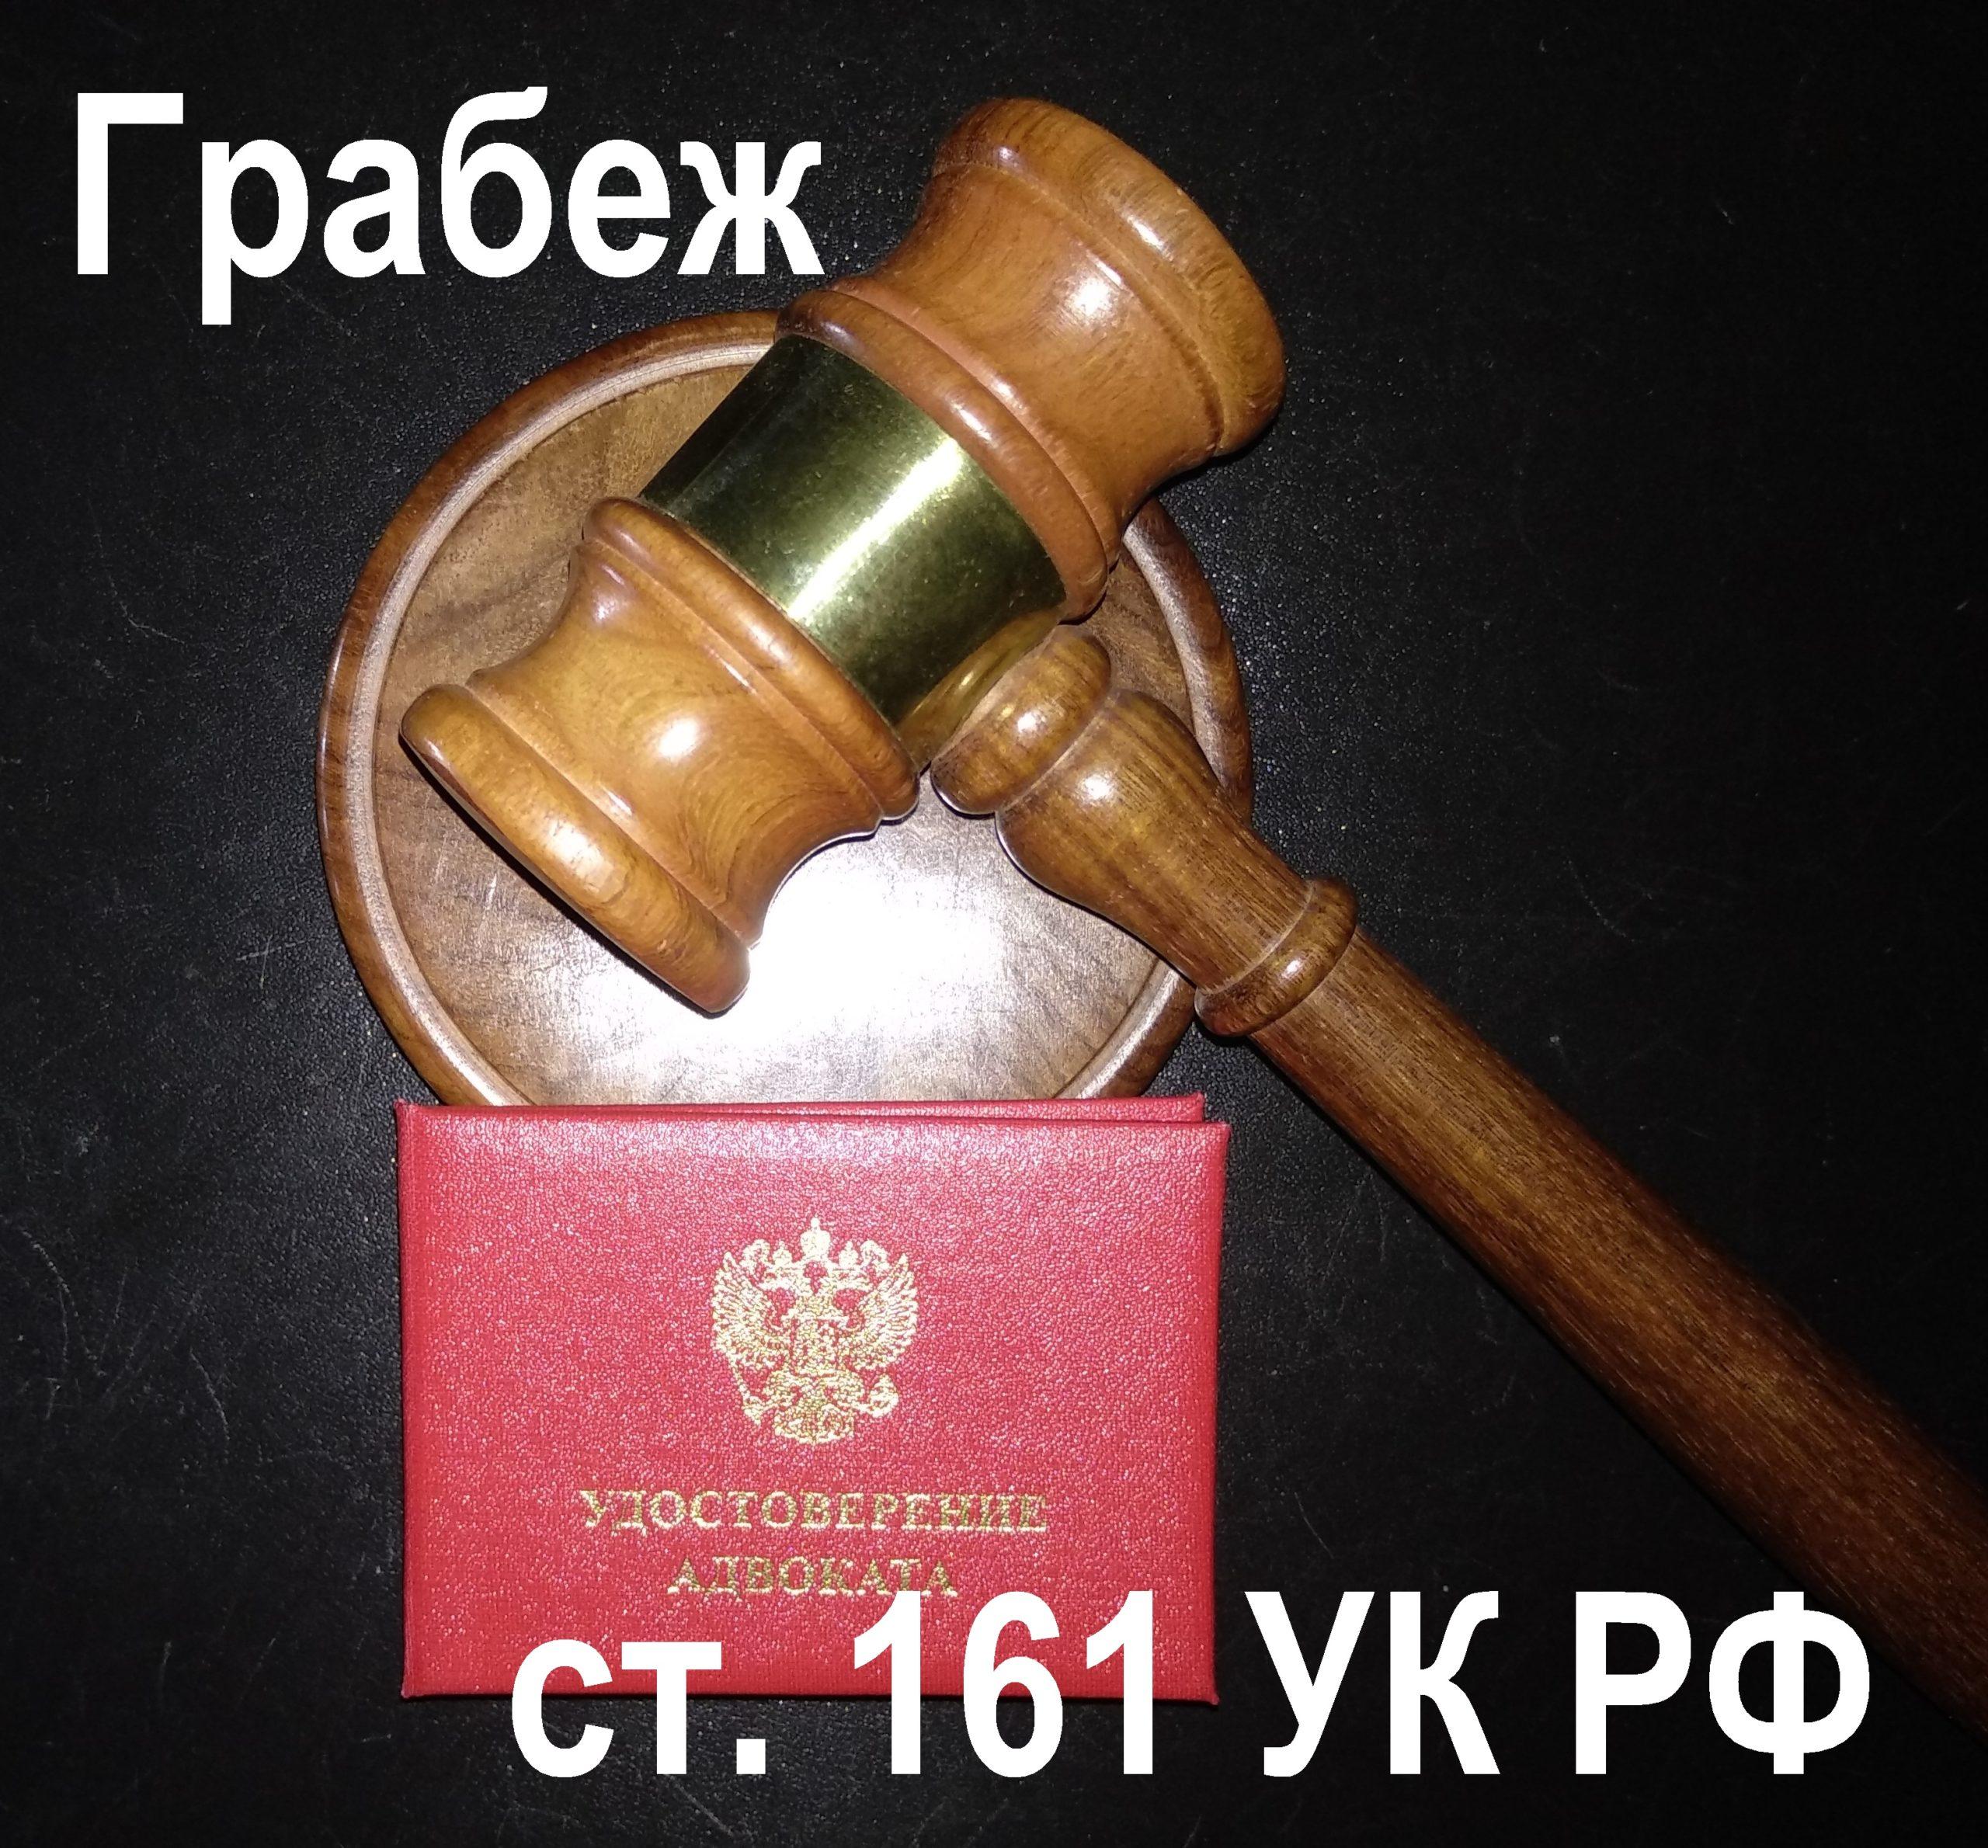 Адвокат по ст. 161 УК РФ Грабеж